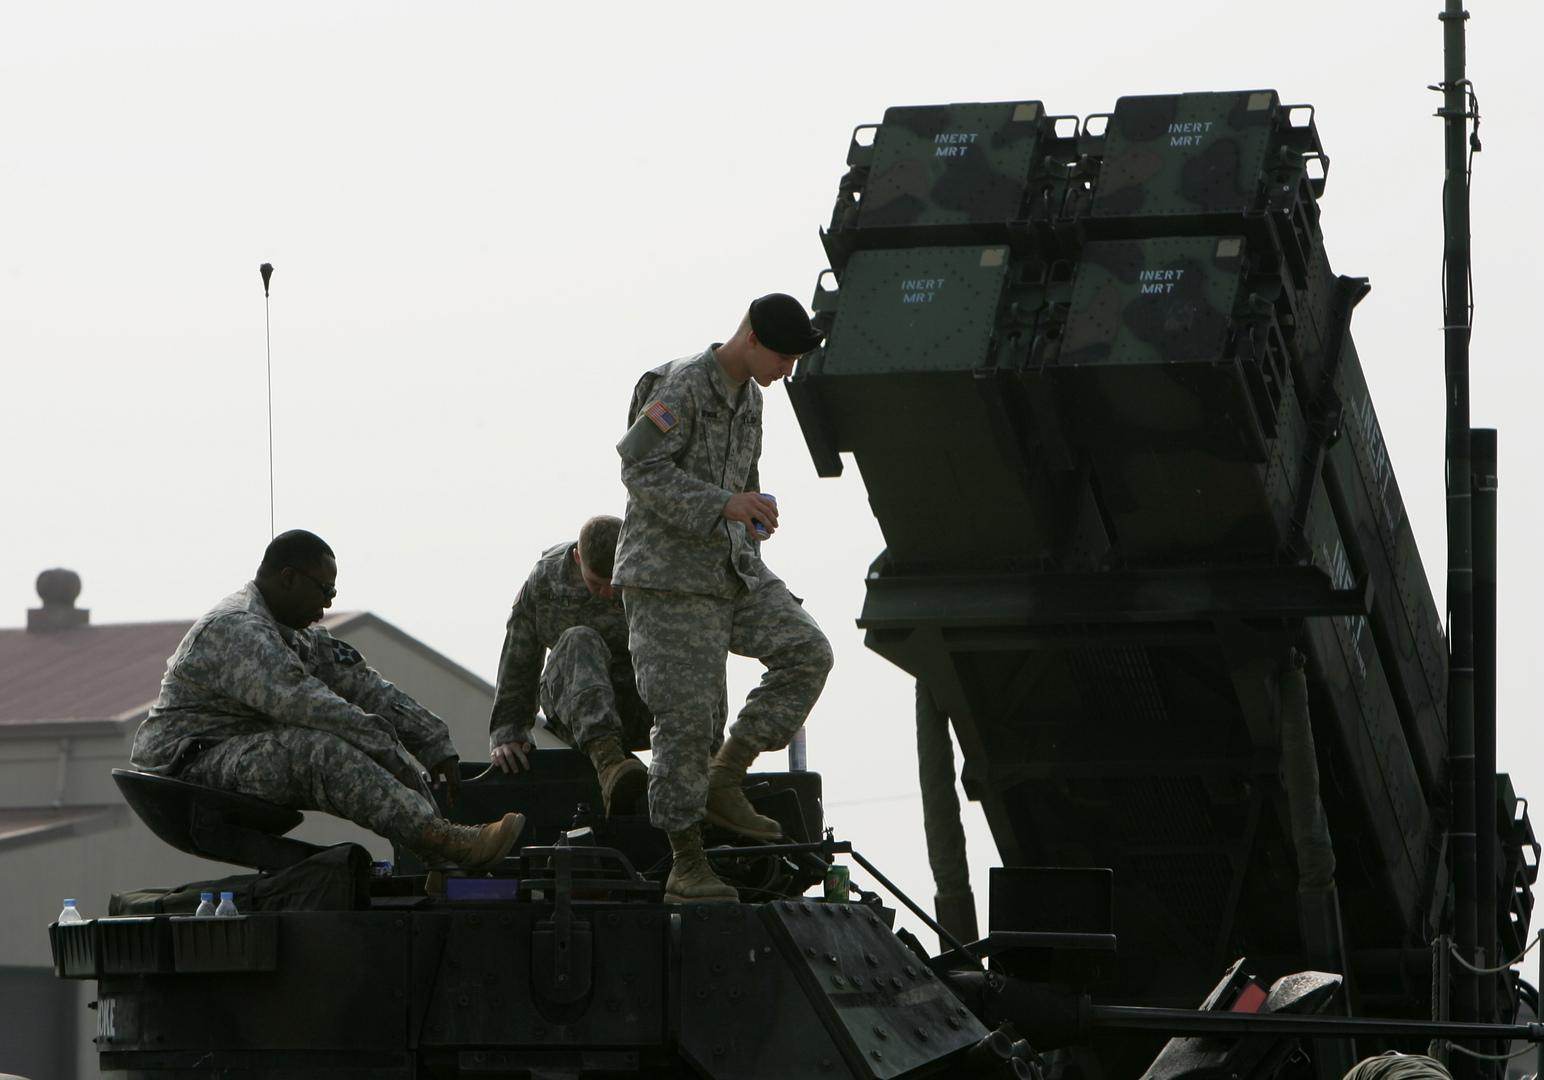 مسؤول كوري جنوبي: الولايات المتحدة لم تثر أبداً مسألة تخفيض قواتها أو انسحابها